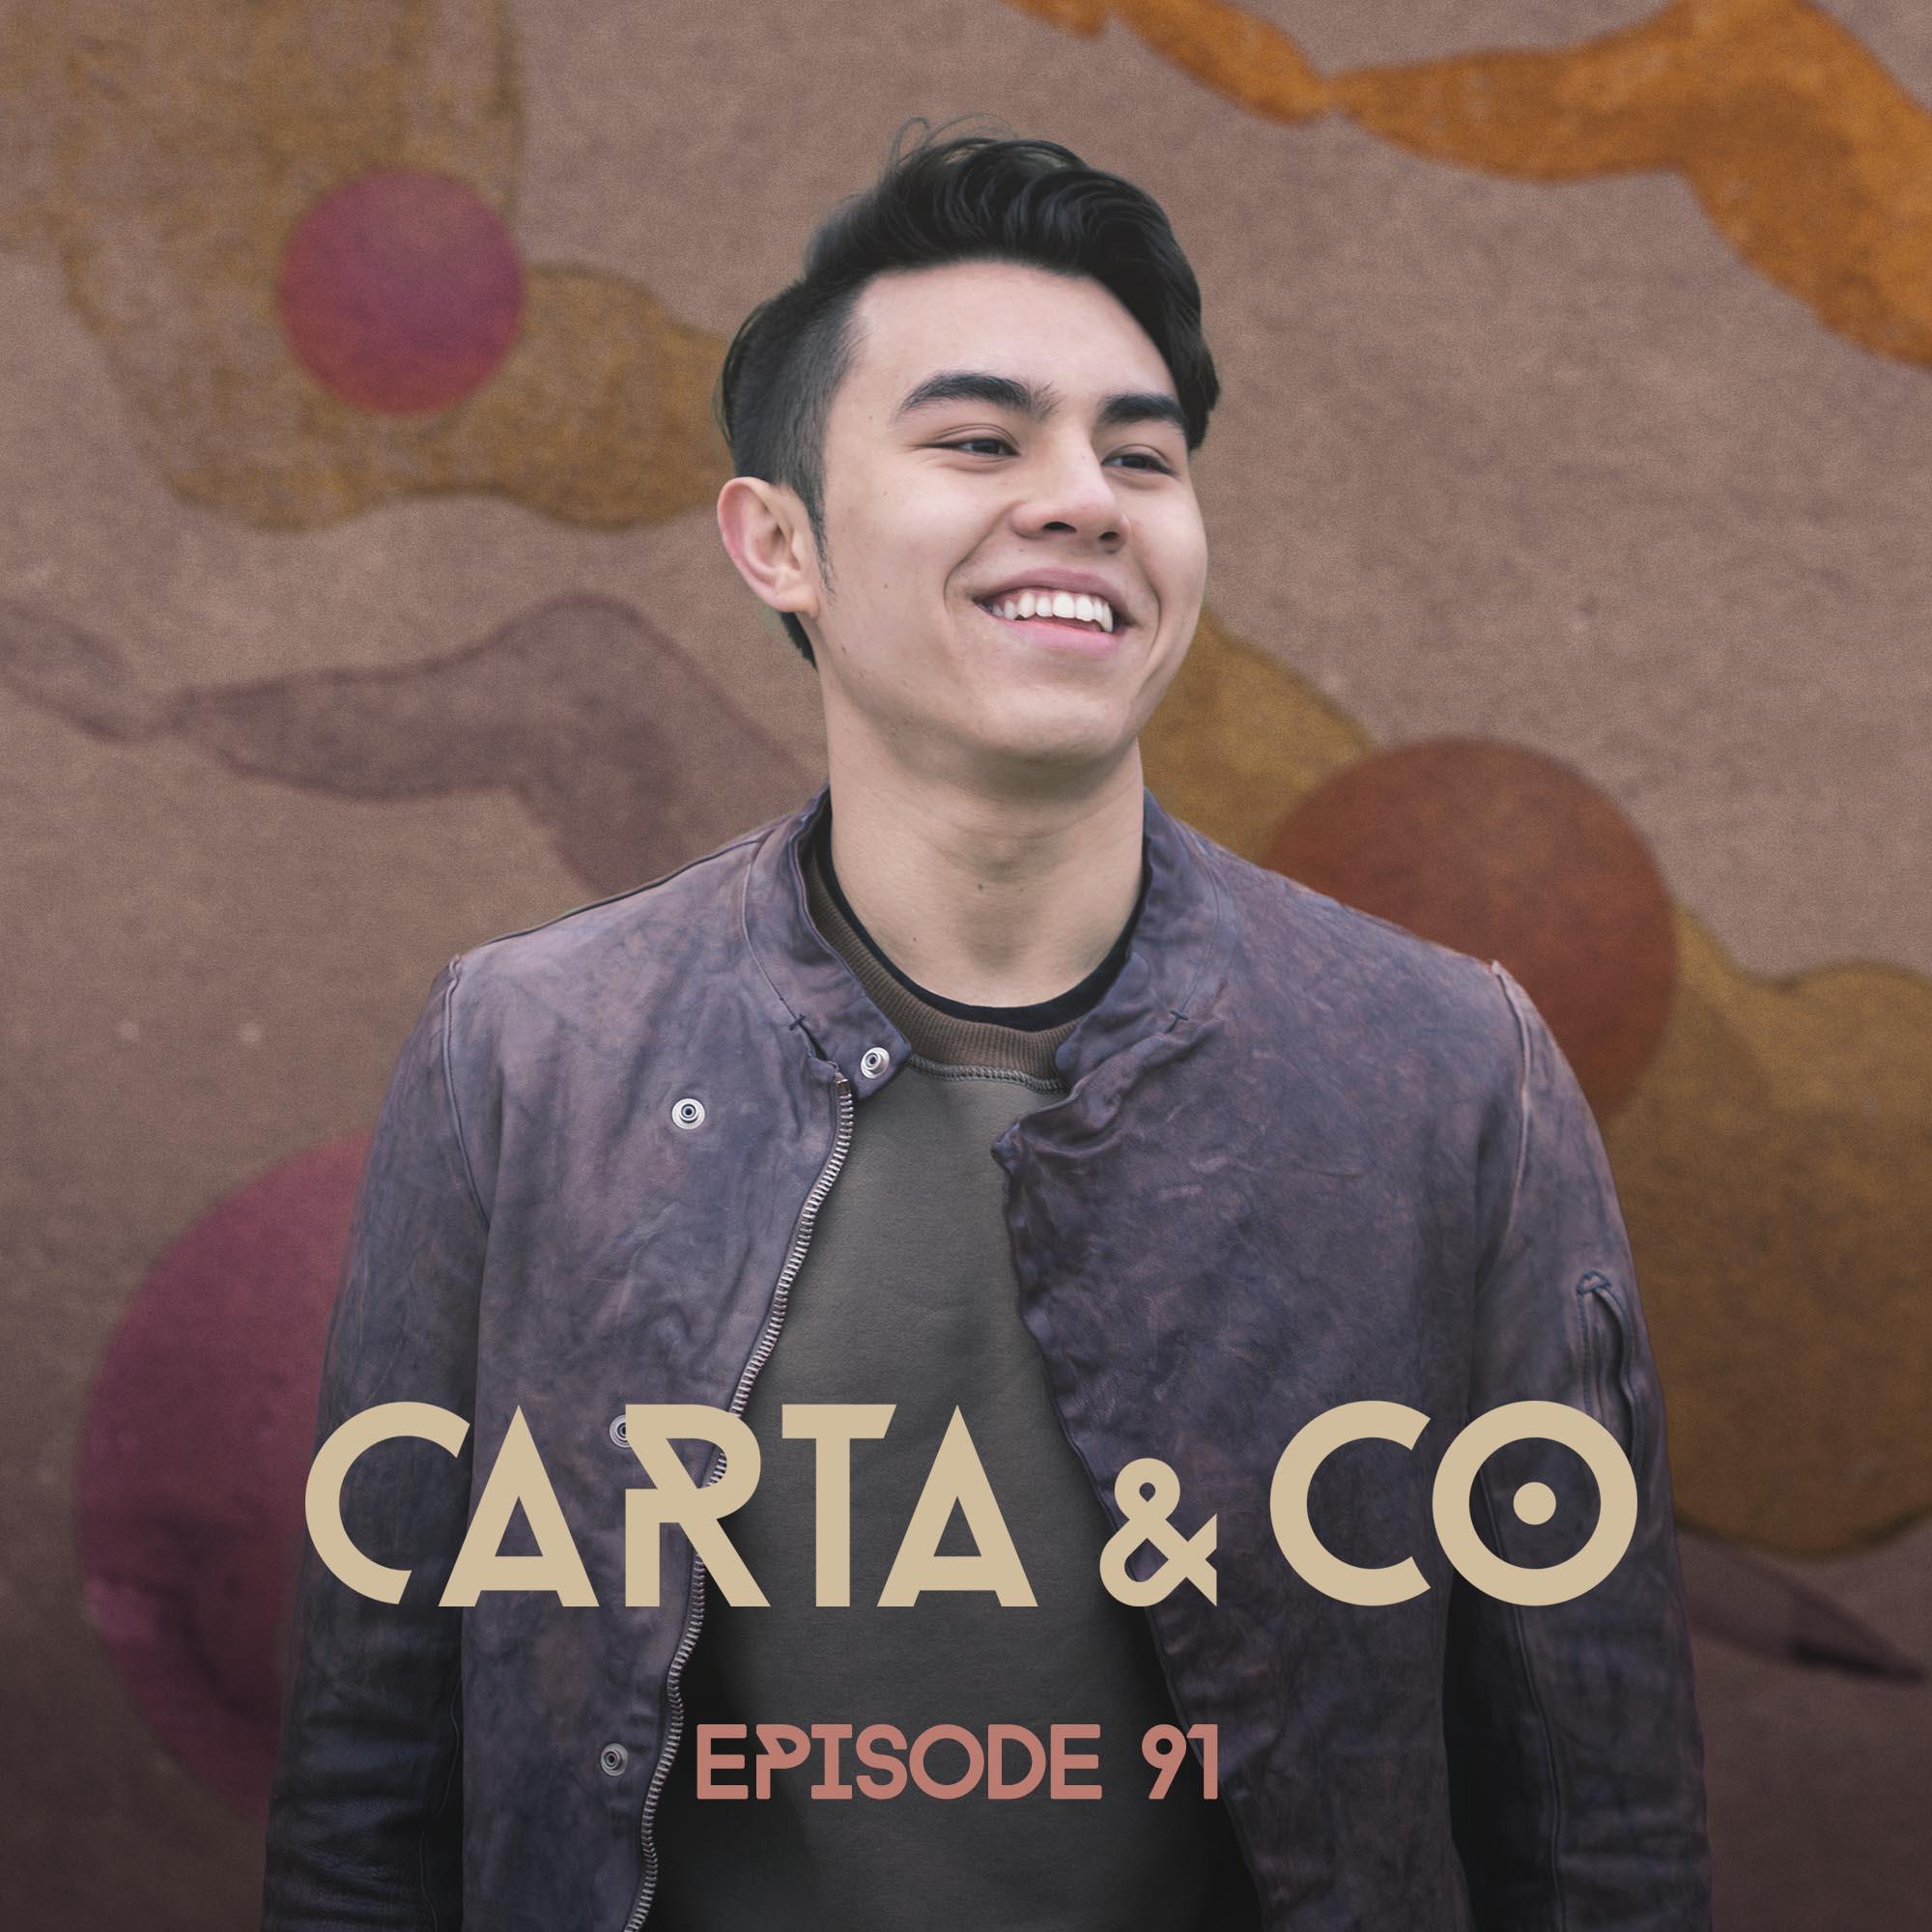 CARTA & CO - EPISODE 91